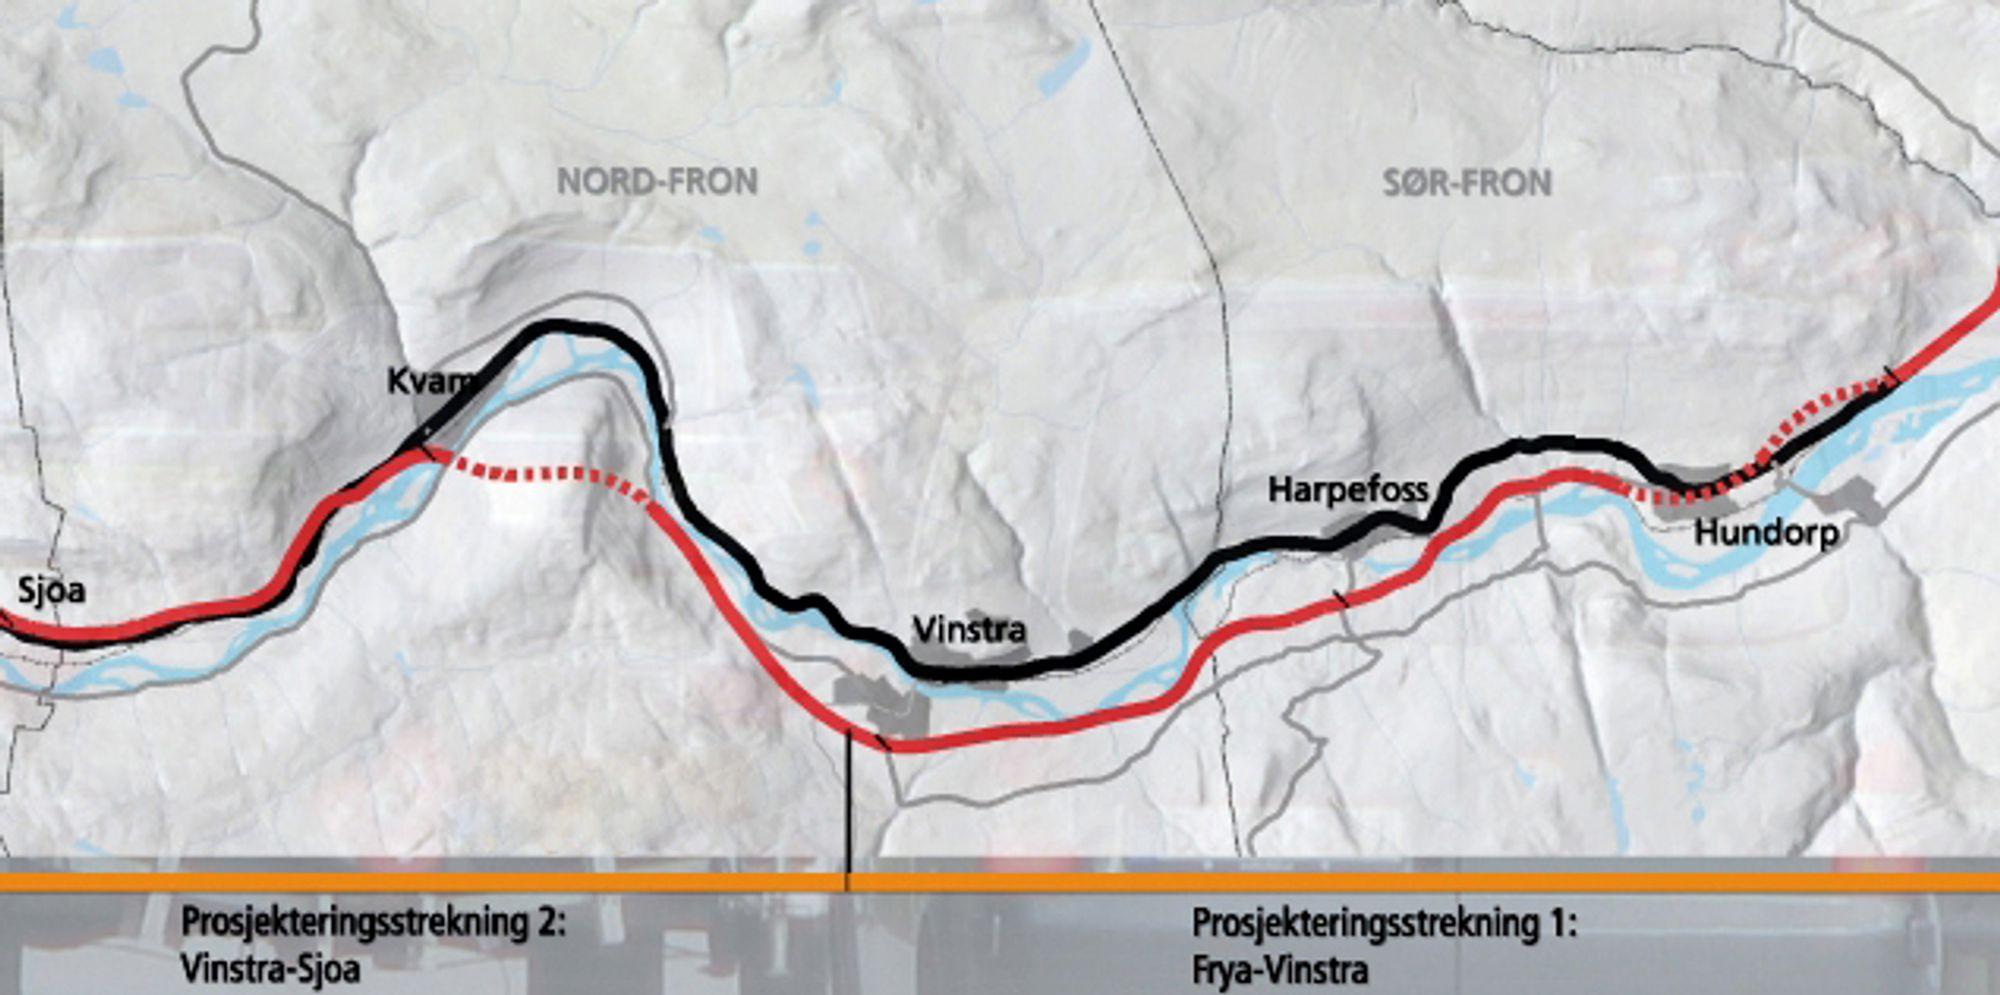 Den røde linjen markerer ny E 6. Kartet viser hele strekningen Frya-Sjoa. Anbudene som ble åpnet 6. desember gjelder bare strekningen Frya-Vinstra, som ligger til høyre for den vertikale streken nederst på kartet.